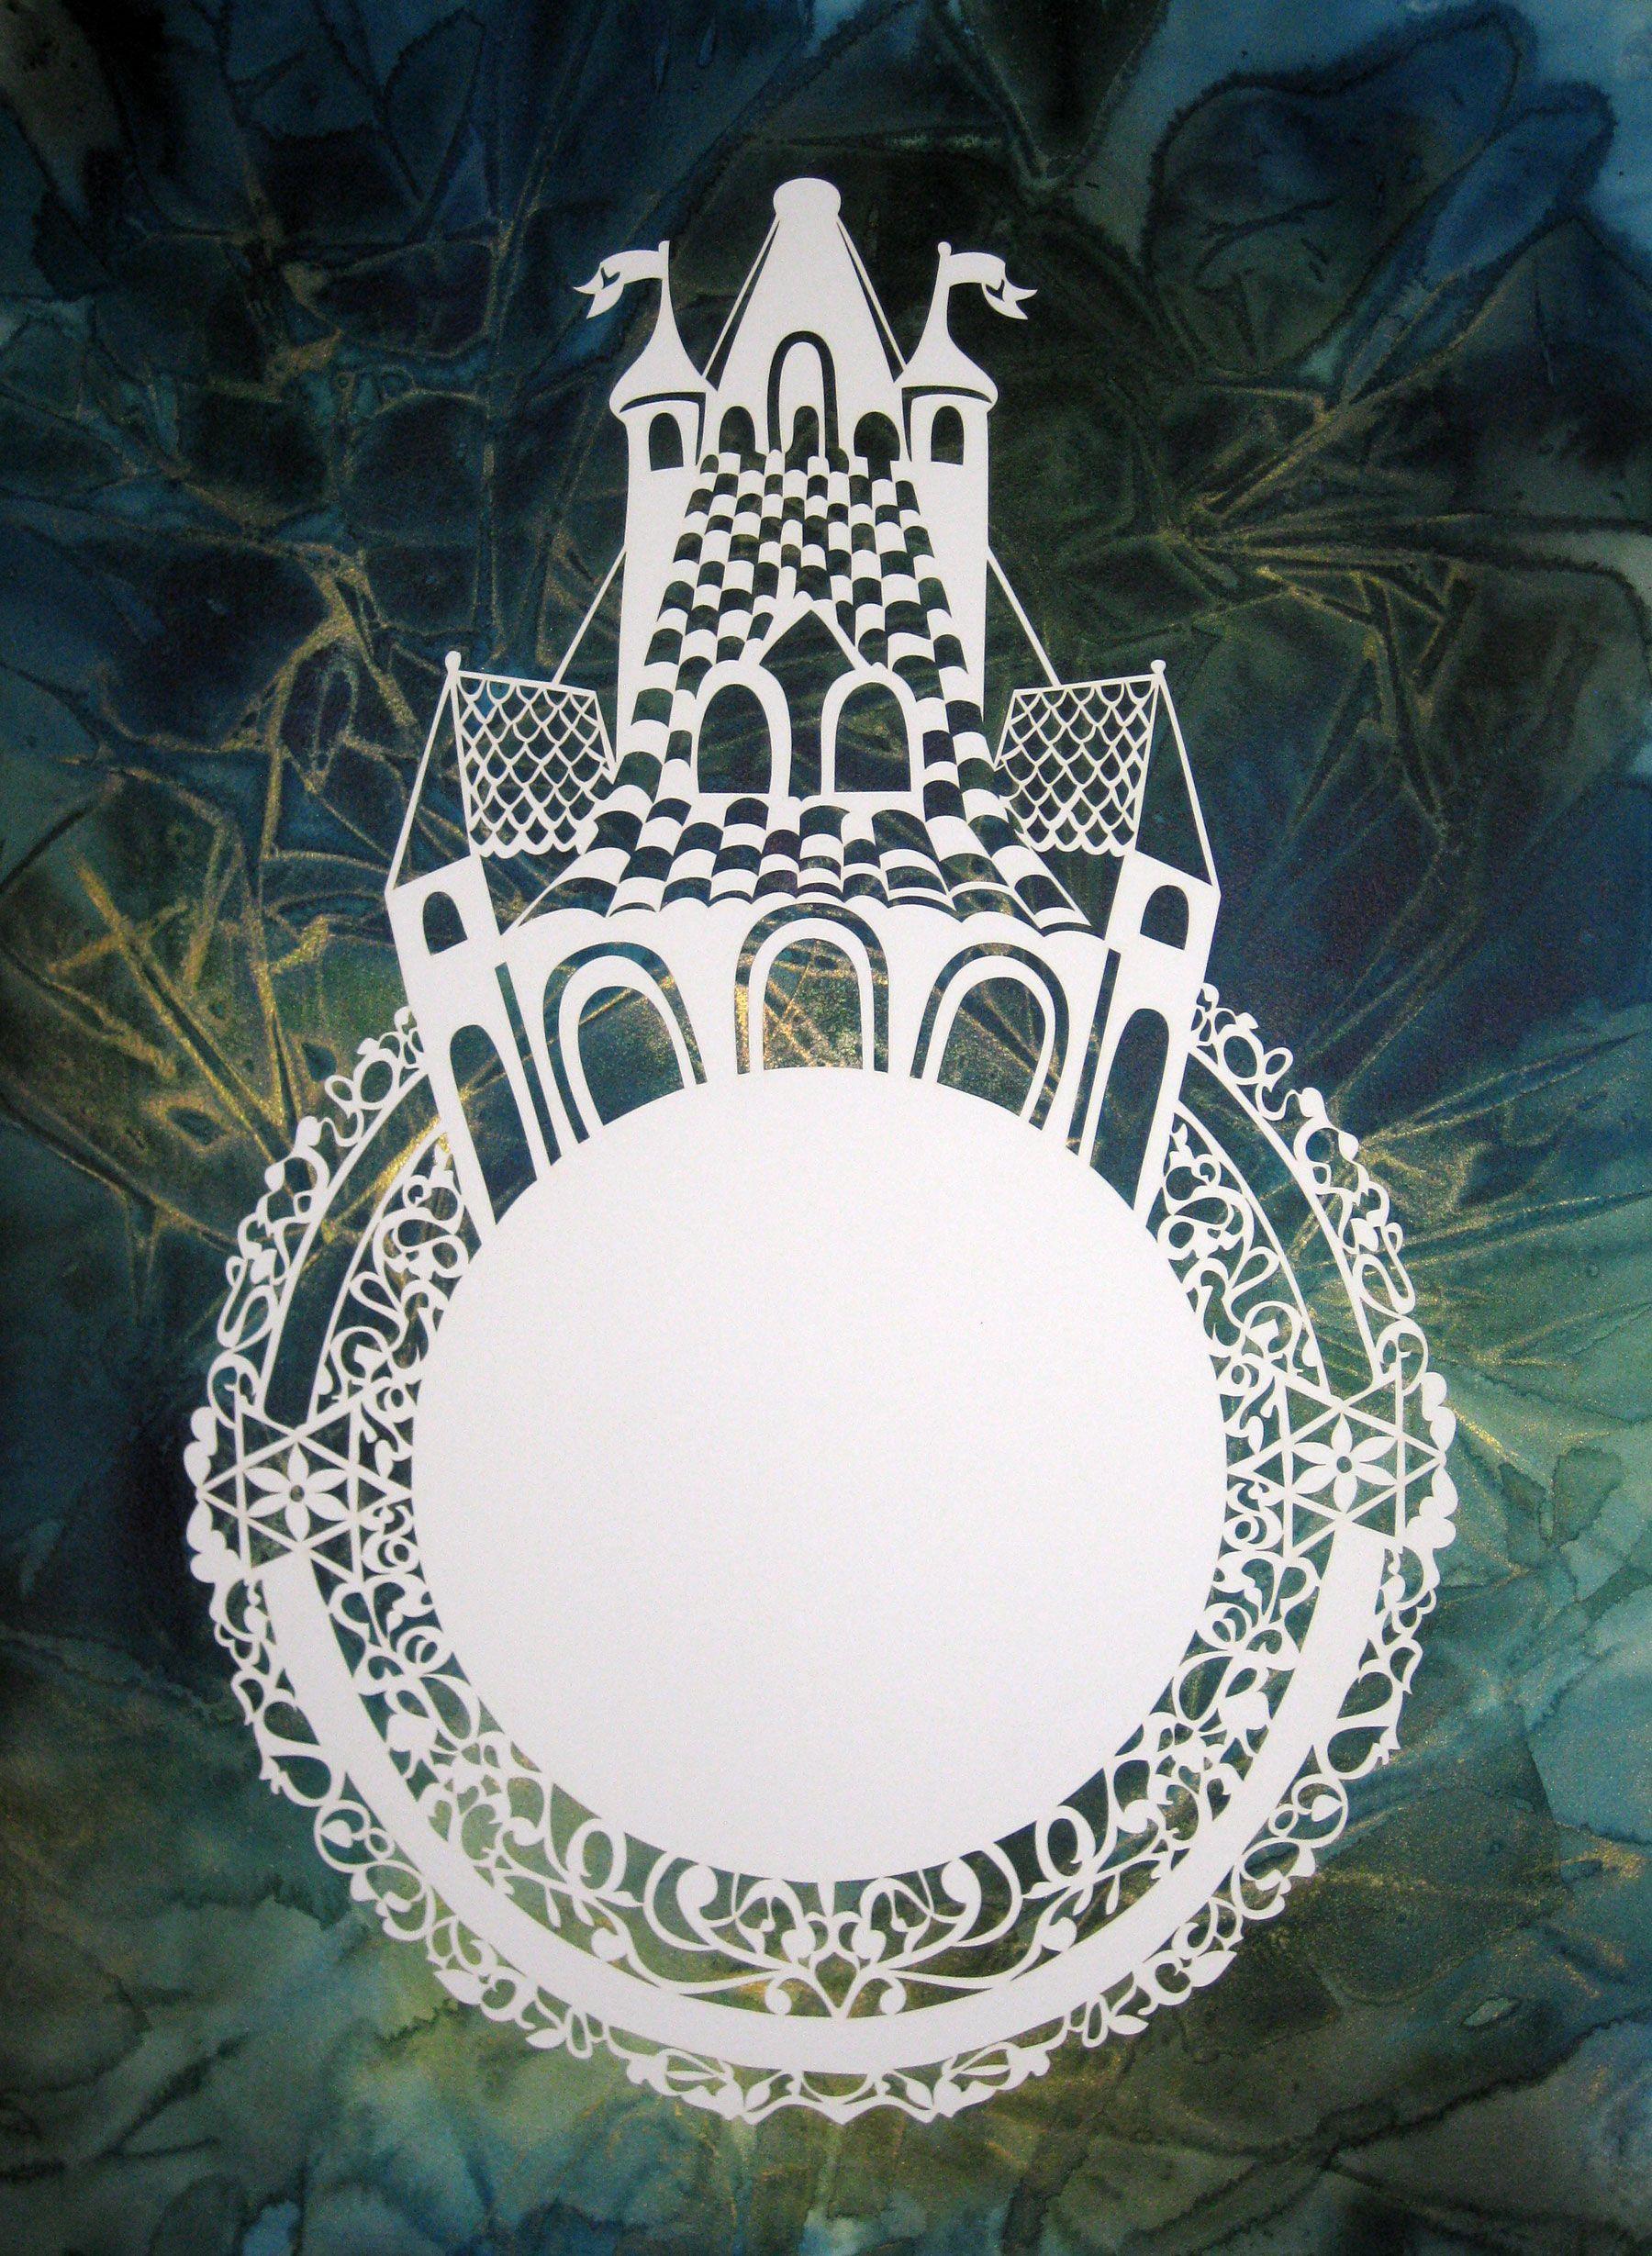 K182 Ceremonial Wedding Ring Laser Ketubah Judaic Art